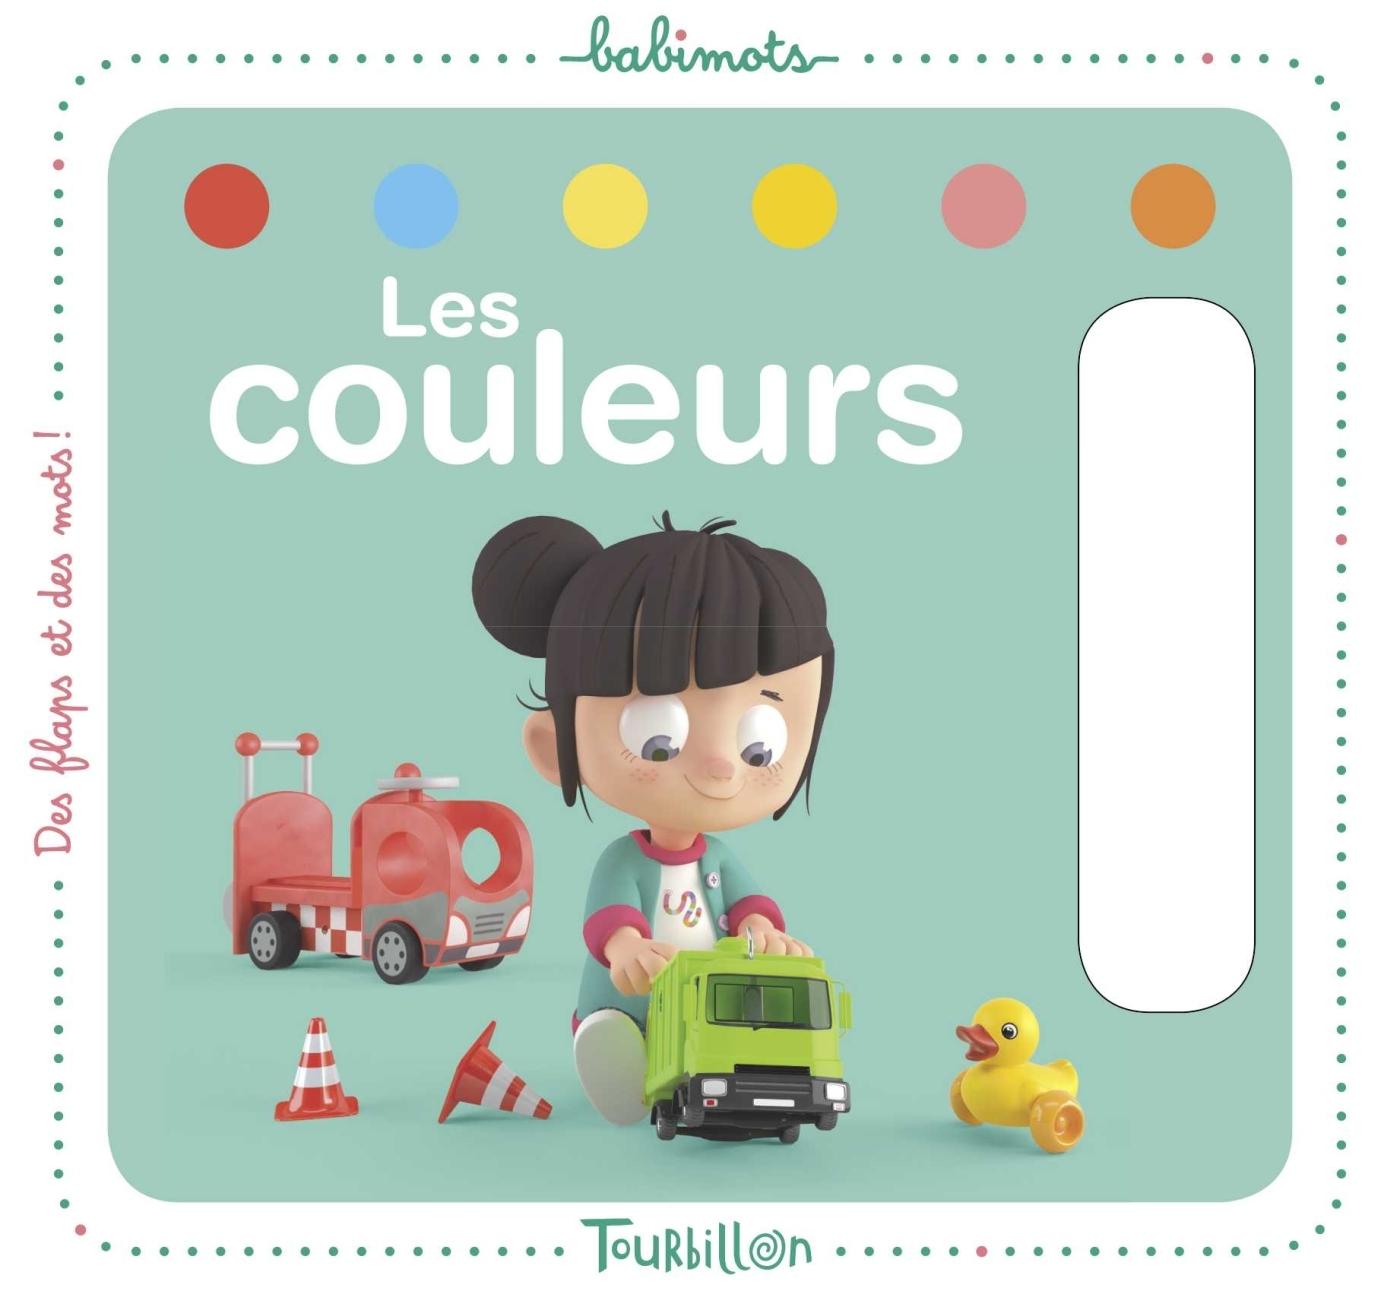 LES COULEURS - BABIMOTS